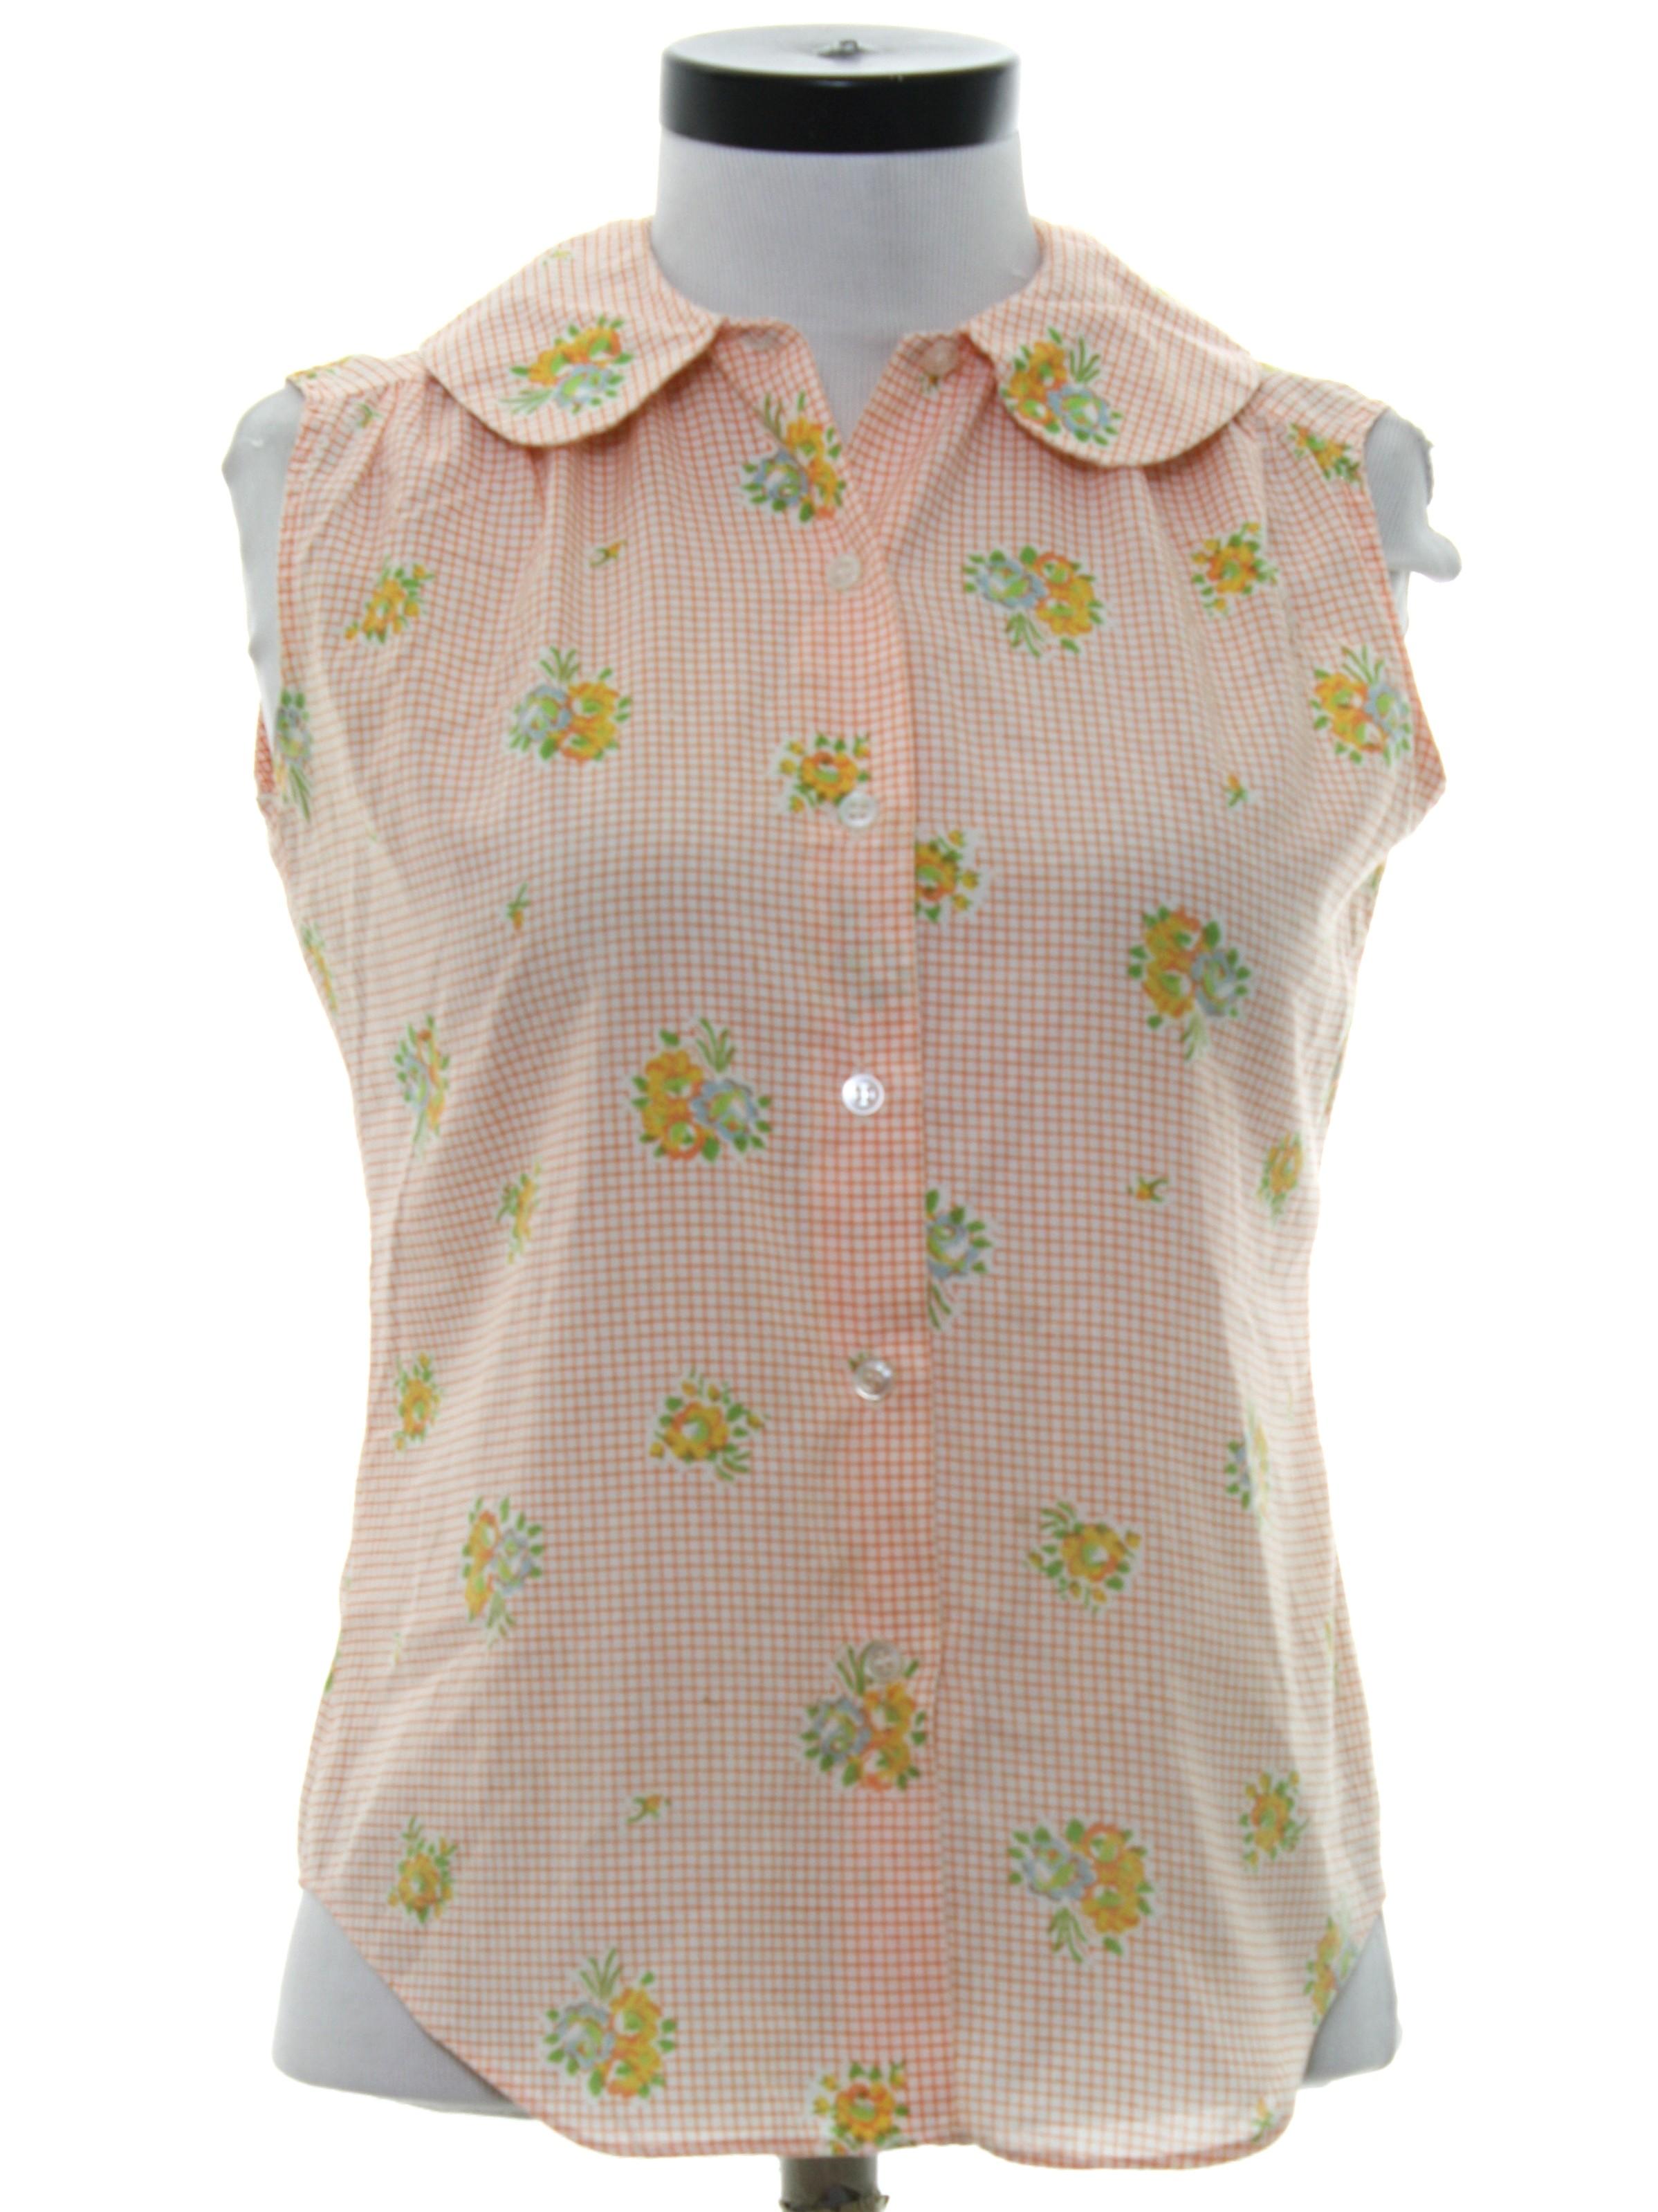 048c763eb1c 1960's Womens Shirt